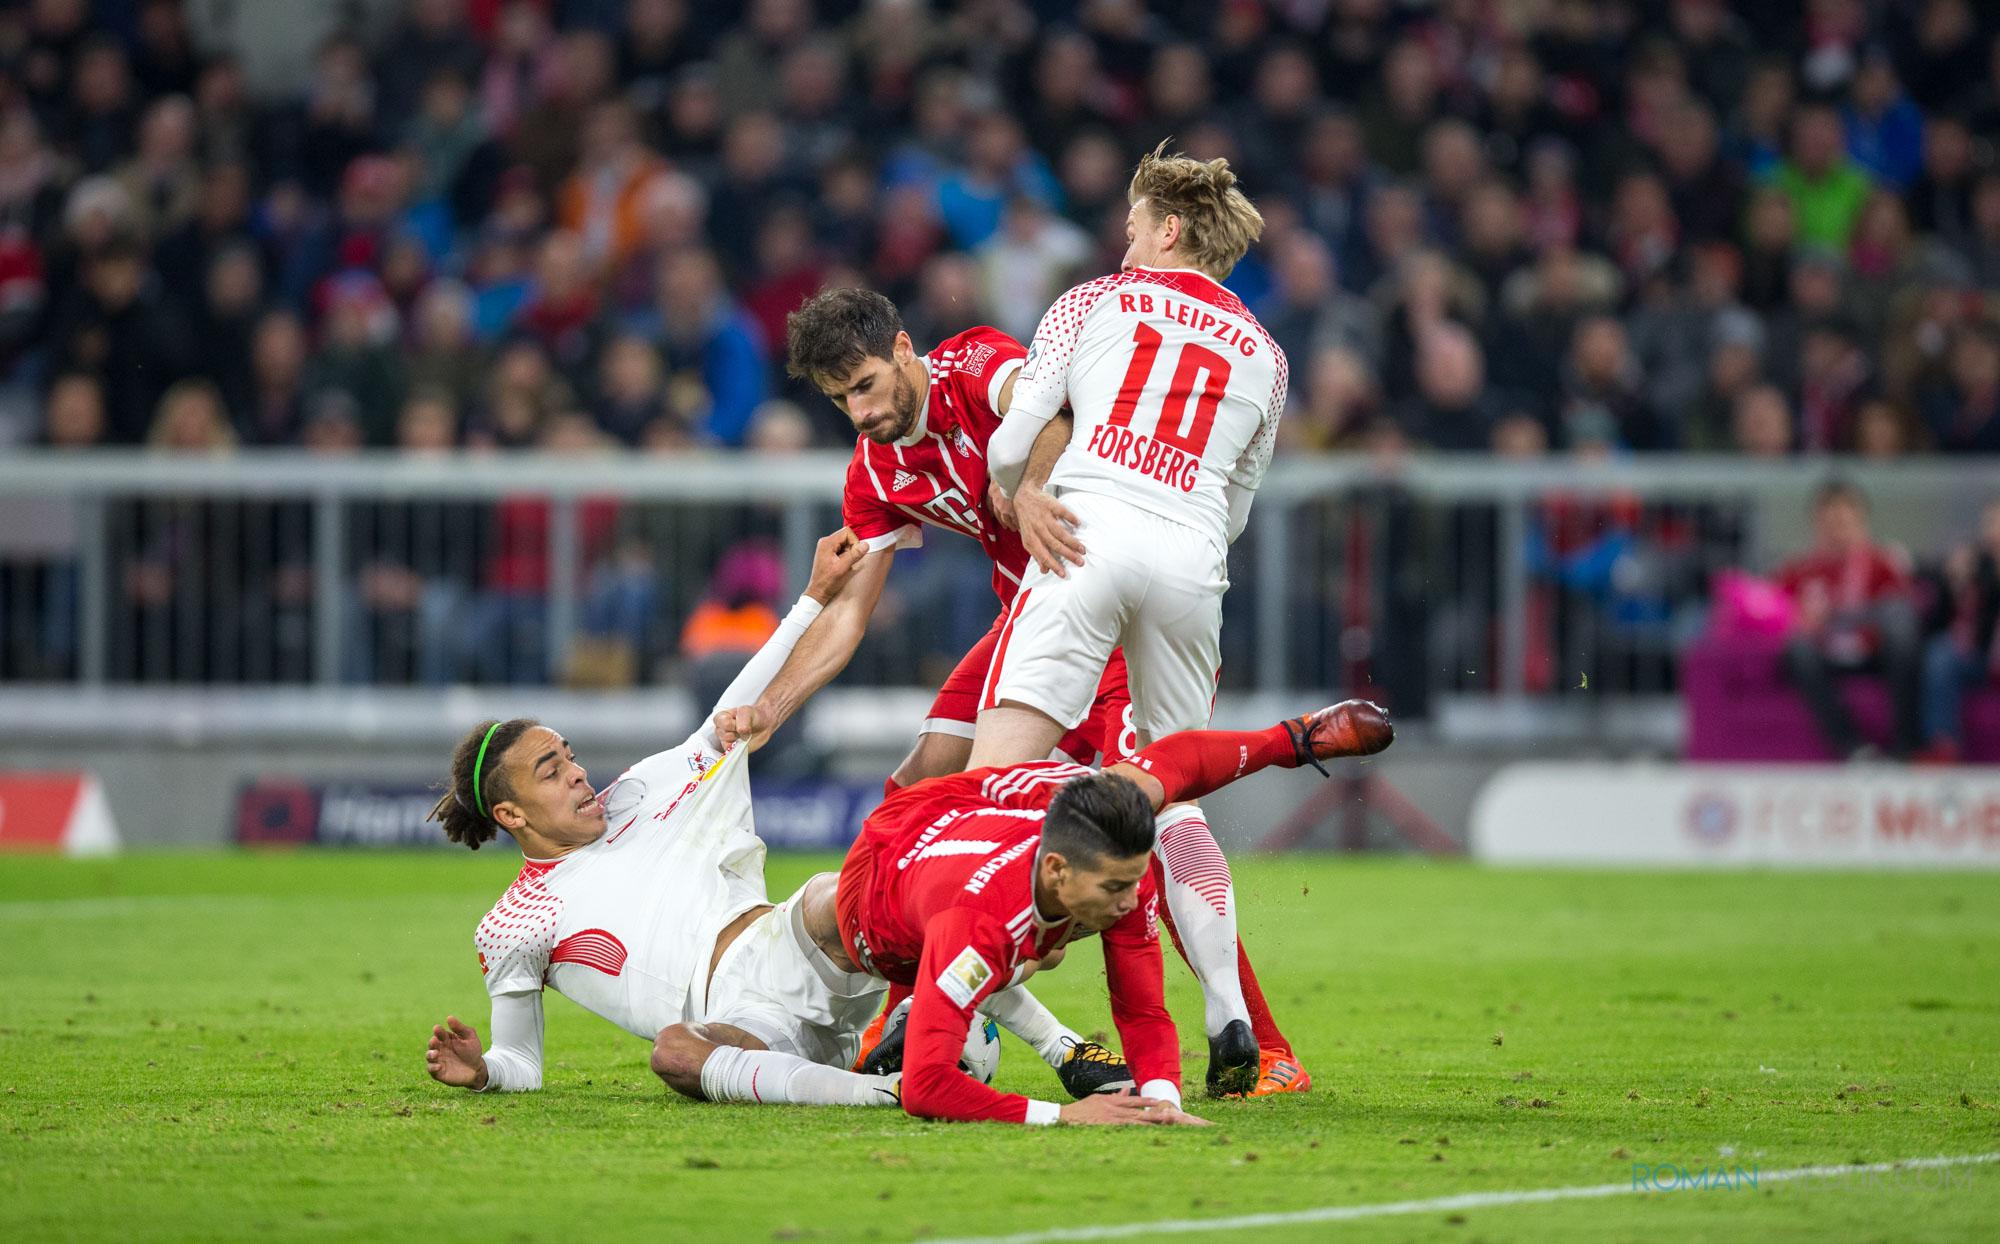 FCB_RG_Leipzig-11